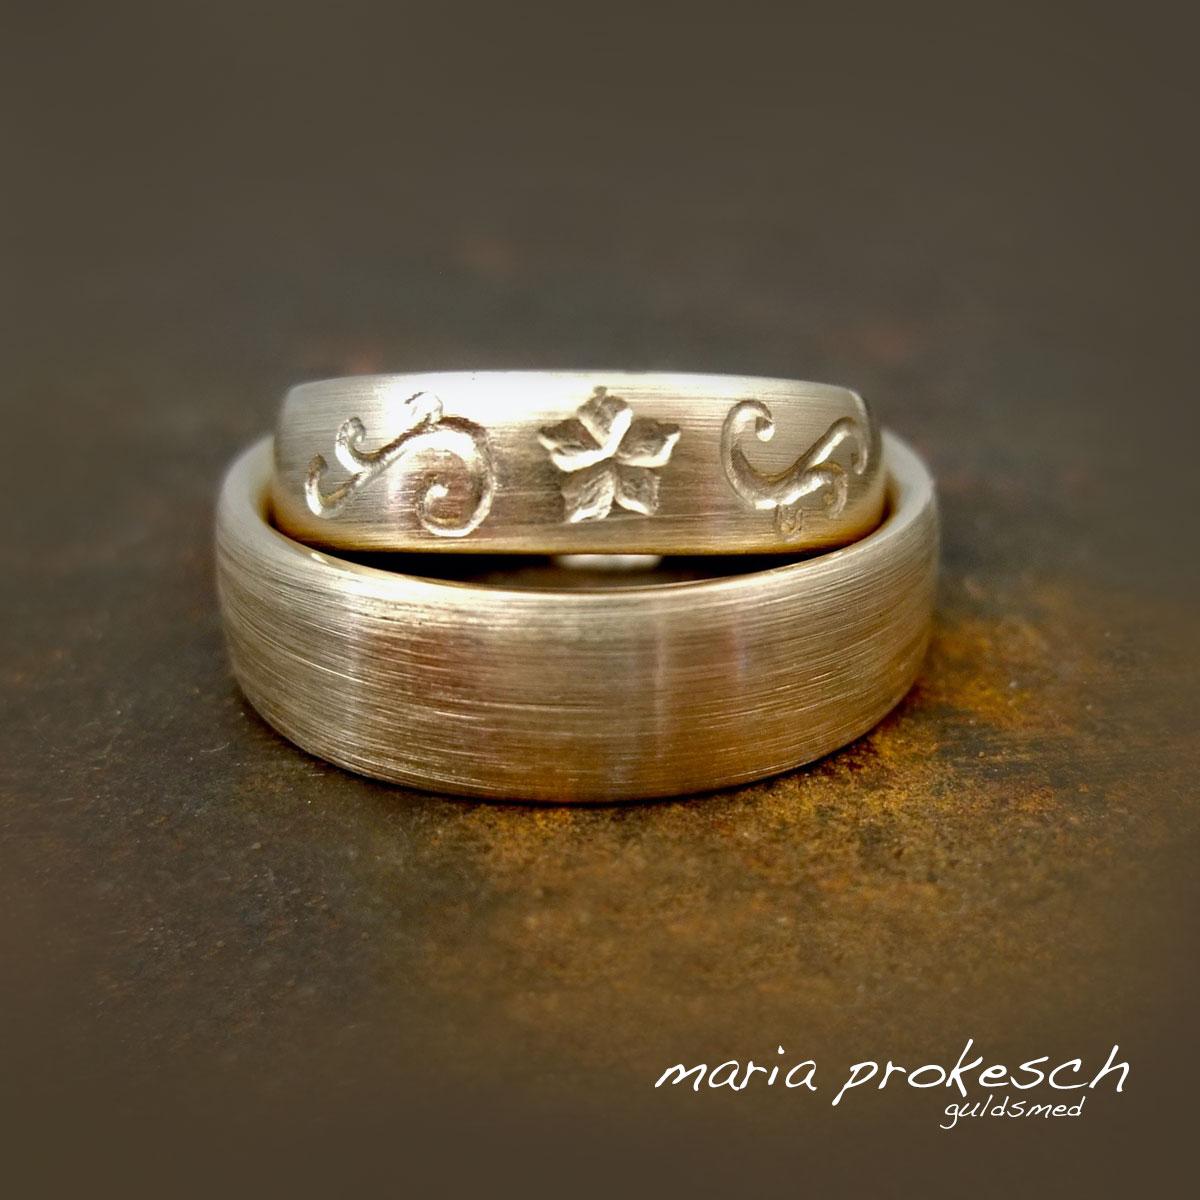 Personlige mønstre dybt graveret i hendes vielsesring. Begge ringe håndlavet i 14 kt guld med diamantridset overflade.vielsesringe